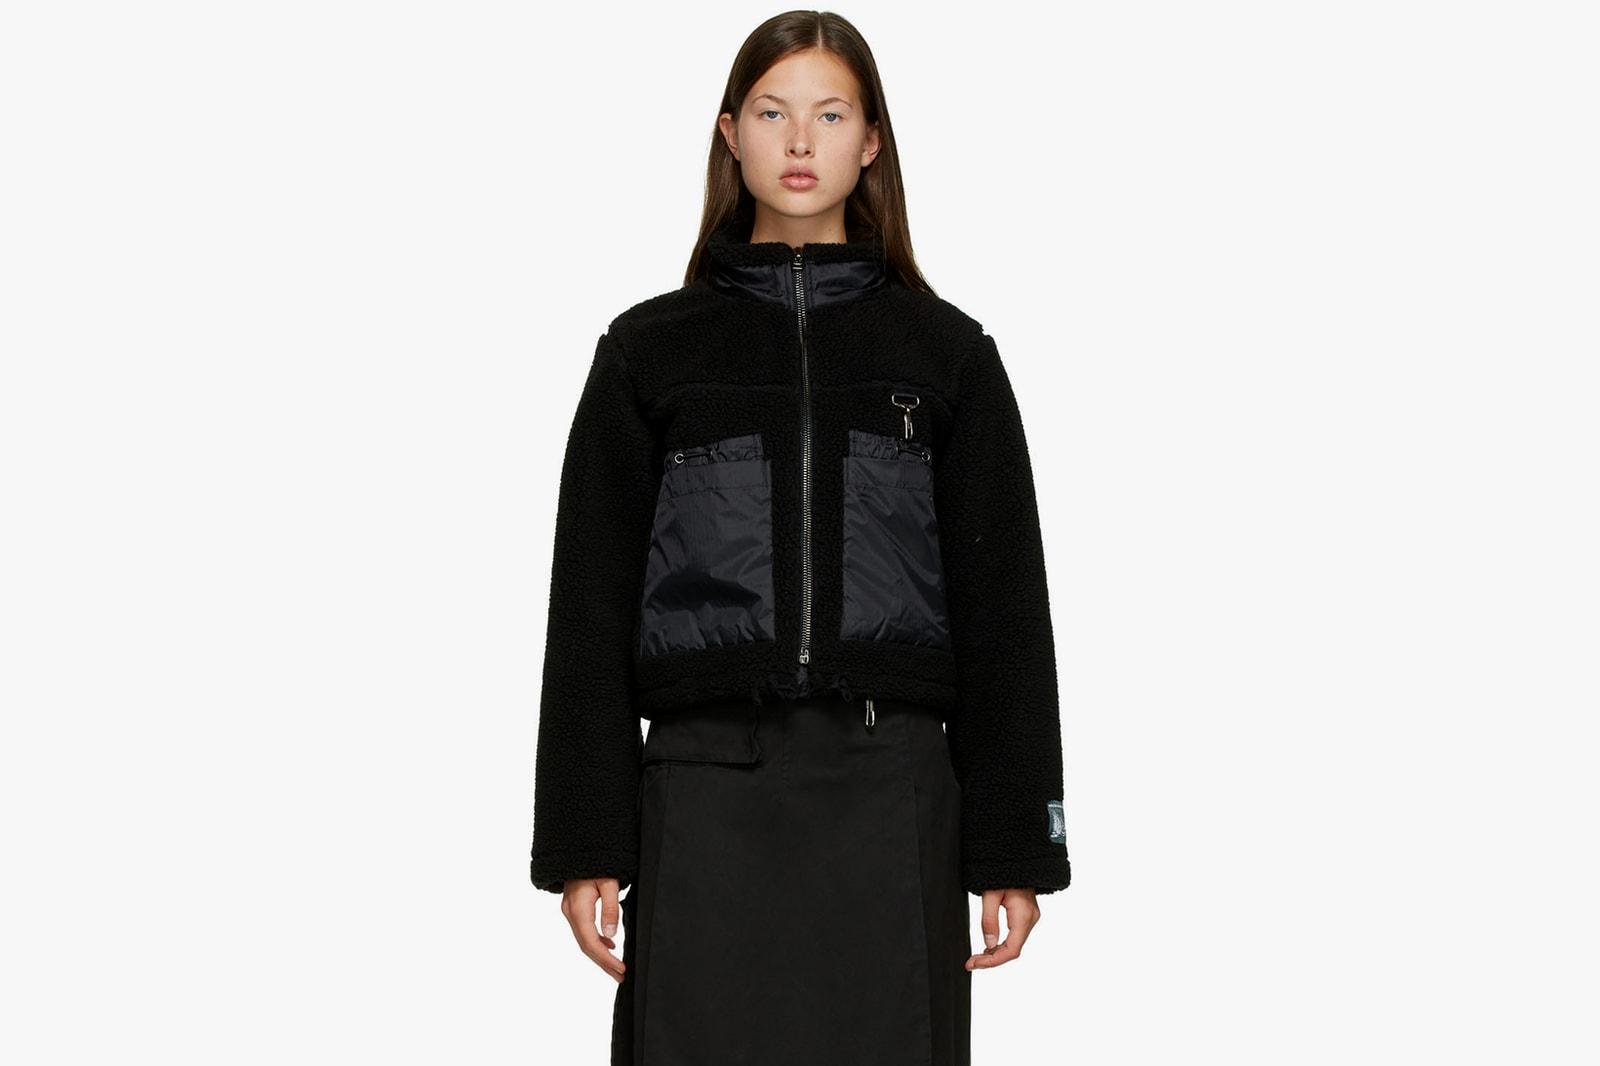 best fleece teddy shearling jackets fall winter ambush nike acne studios